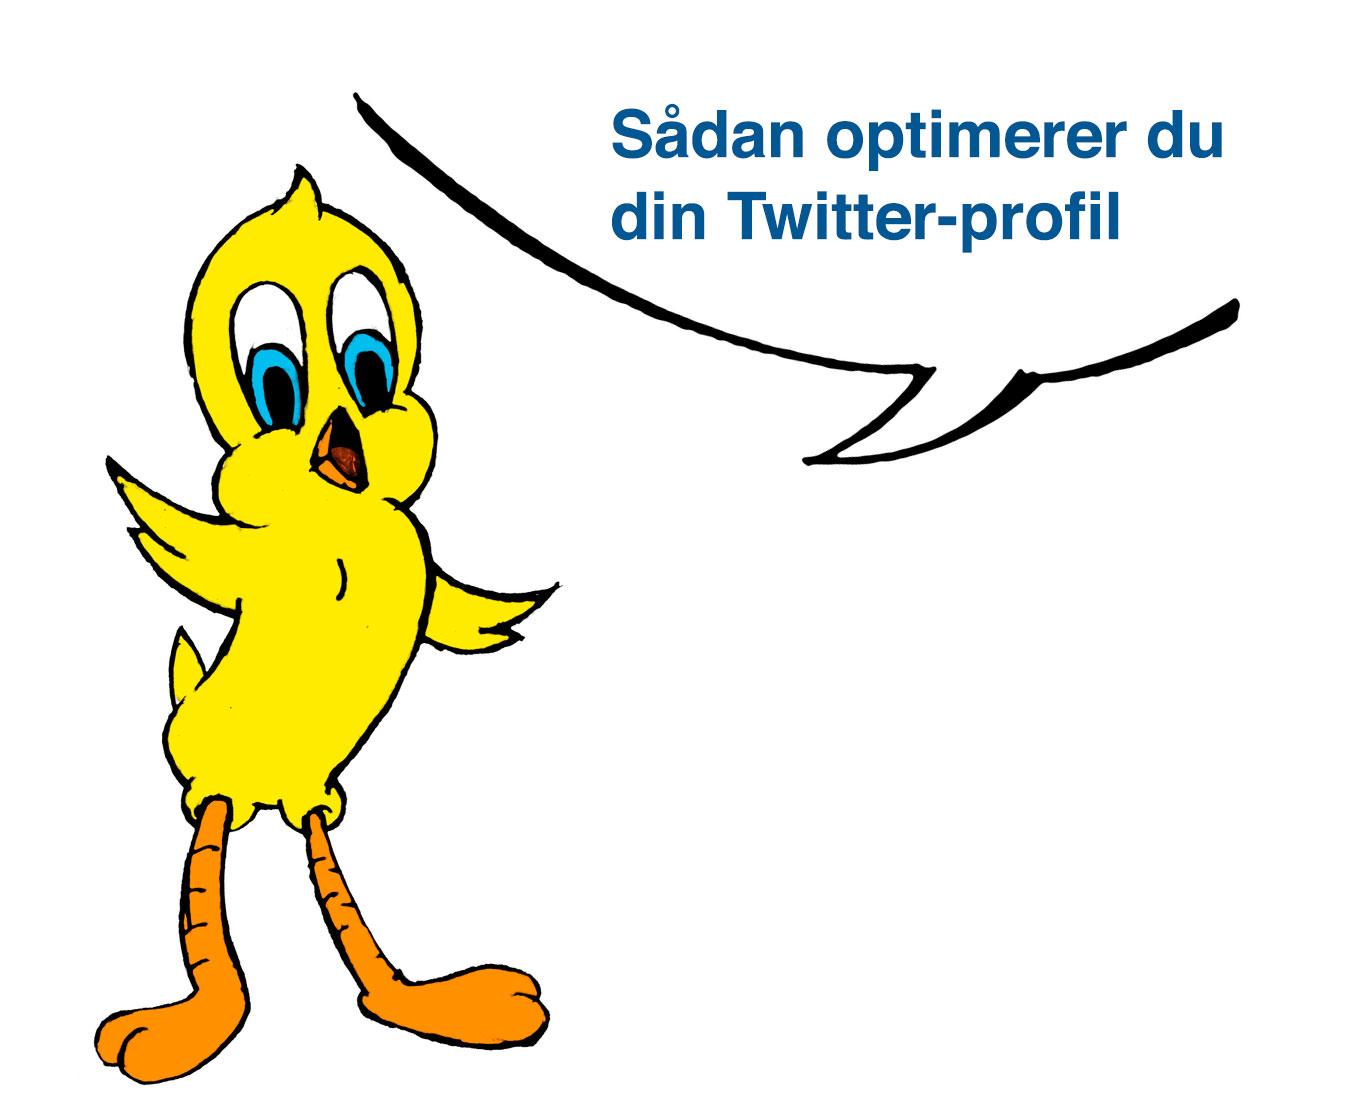 Sådan optimerer du din Twitter-profil